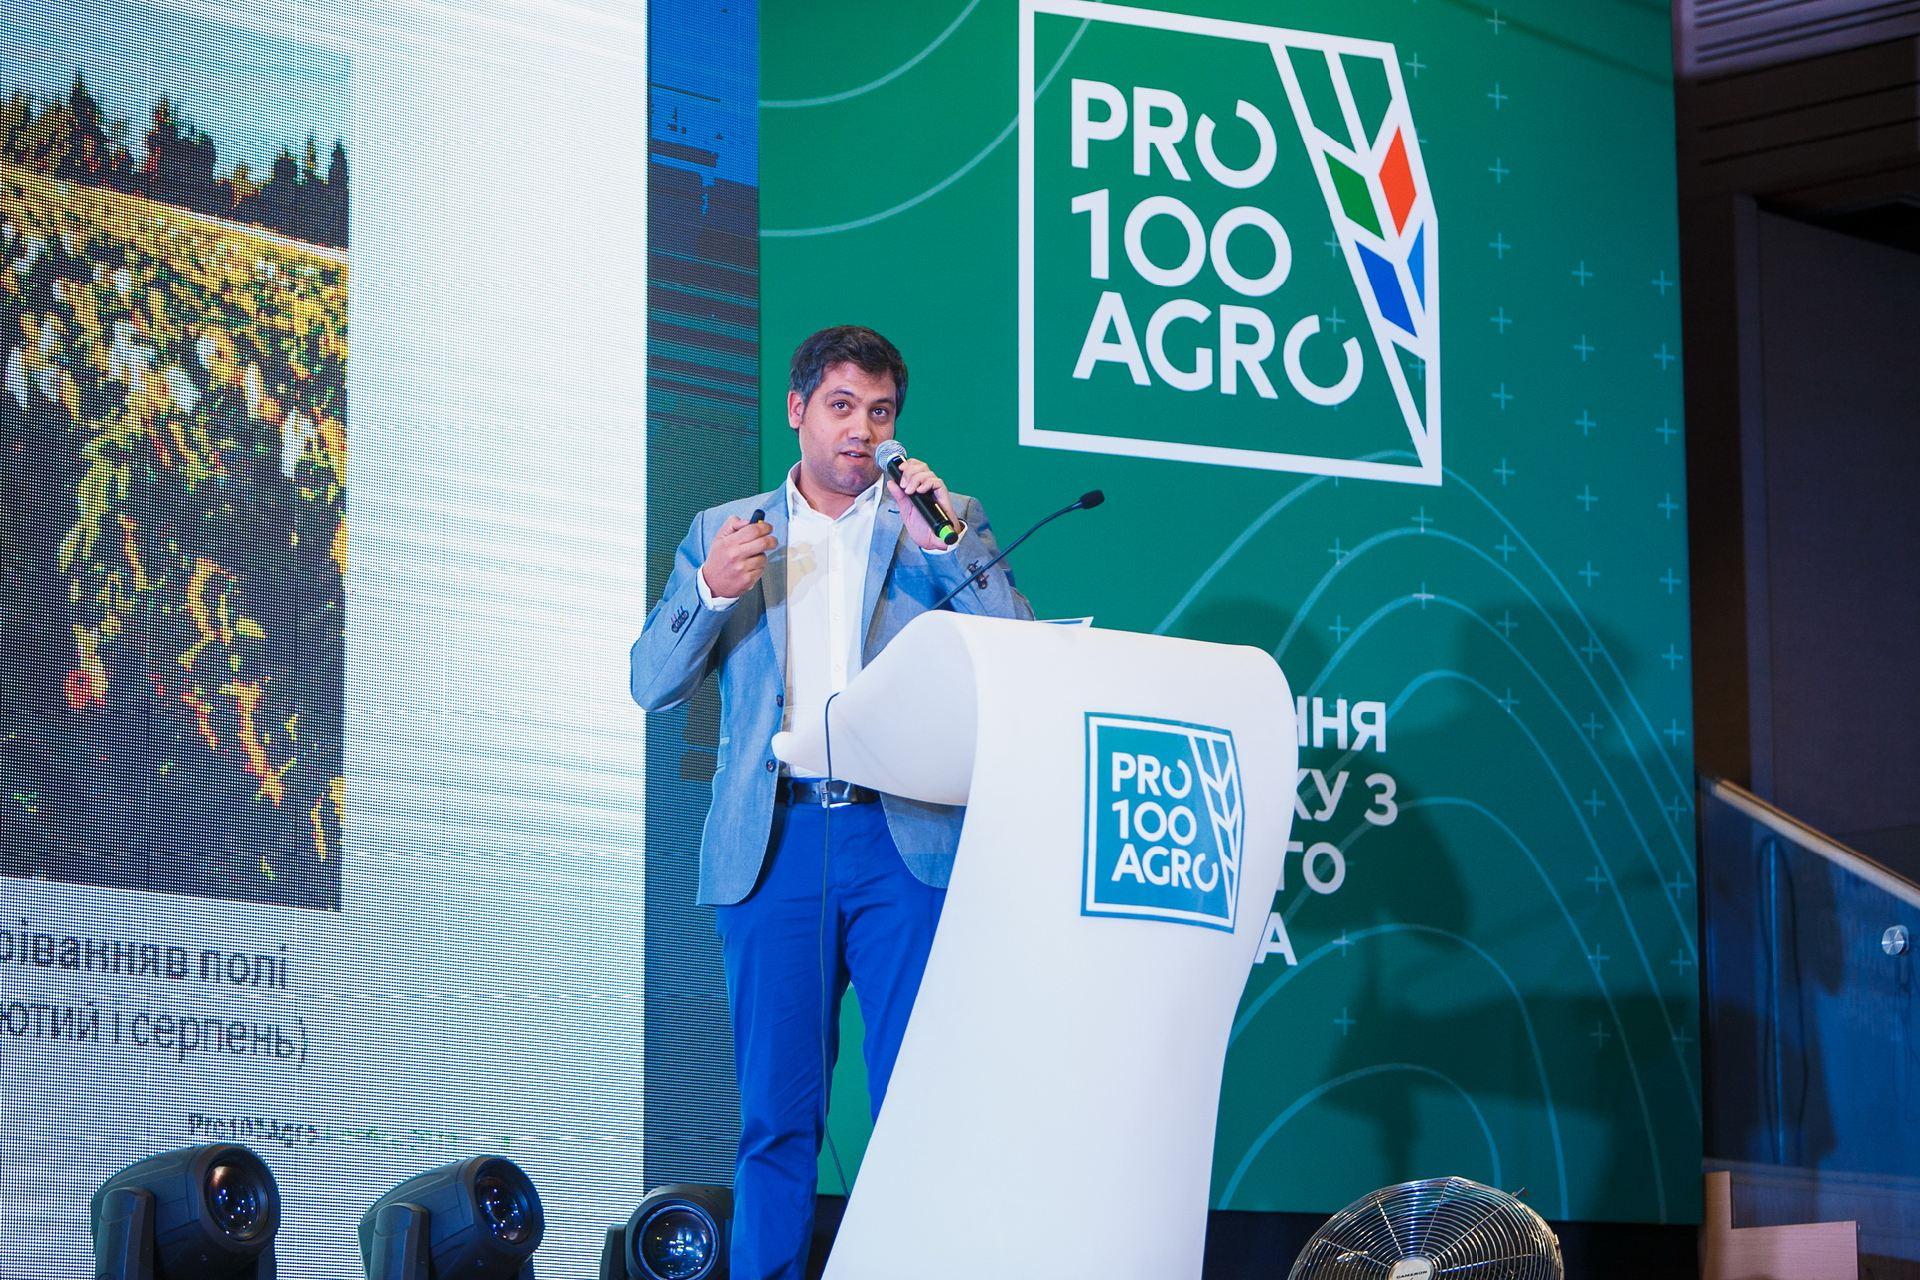 PRO100AGRO (385)